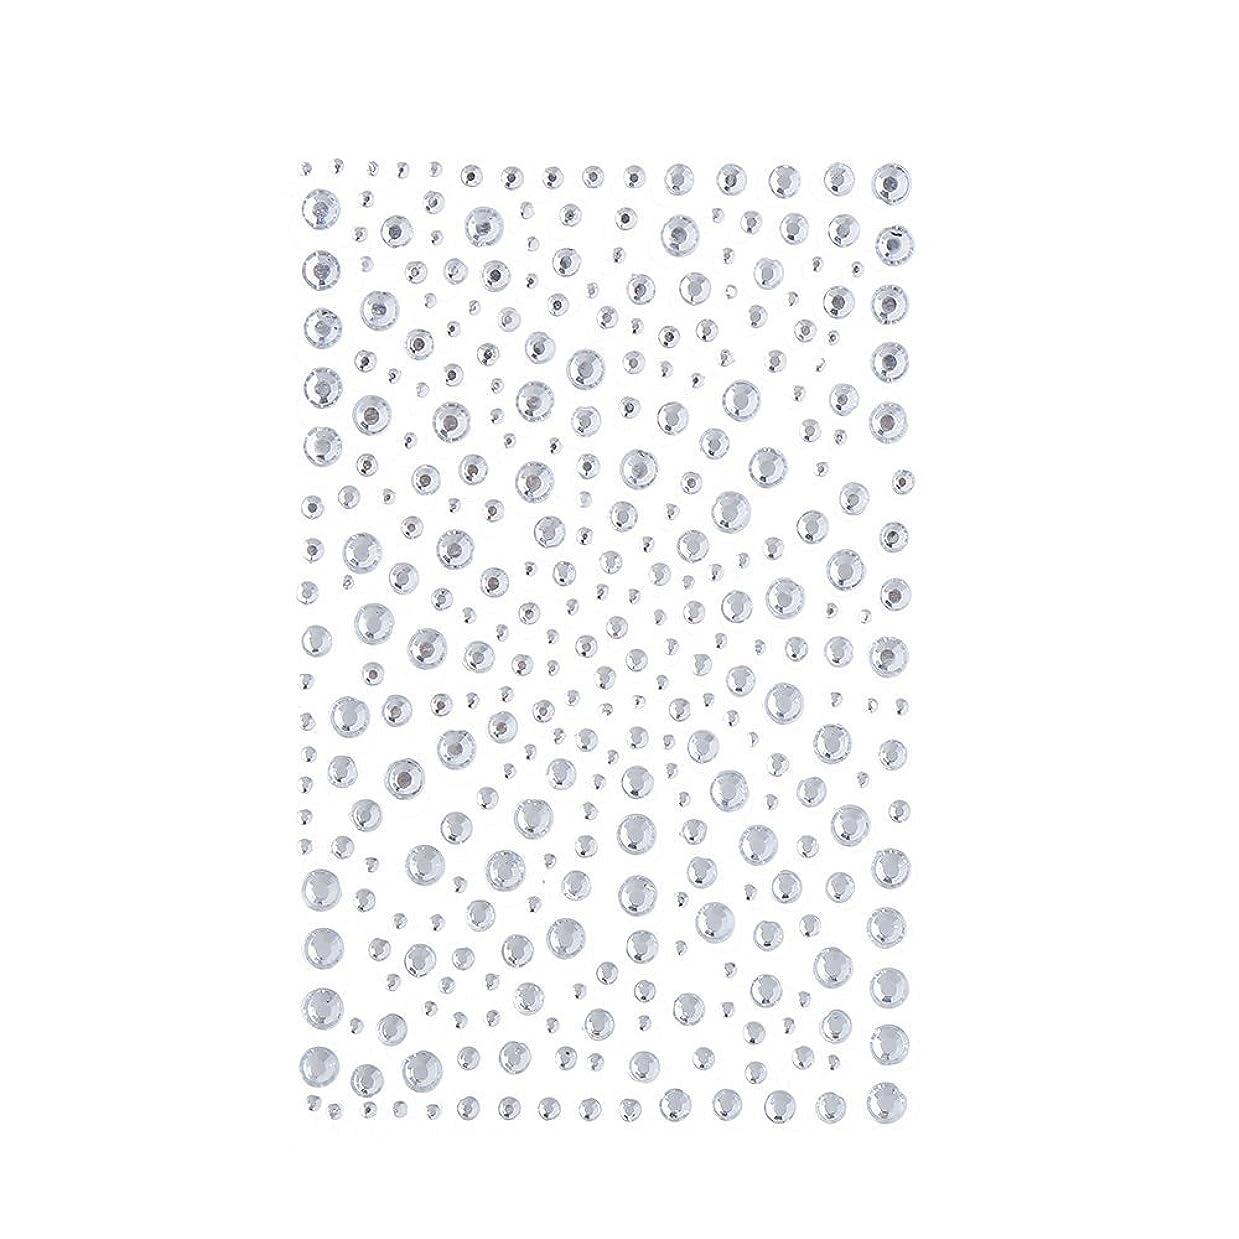 発掘する駐地キャリアラインストーン 人工ダイヤモンド スワロフスキー ホットフィックス 325粒 (白)